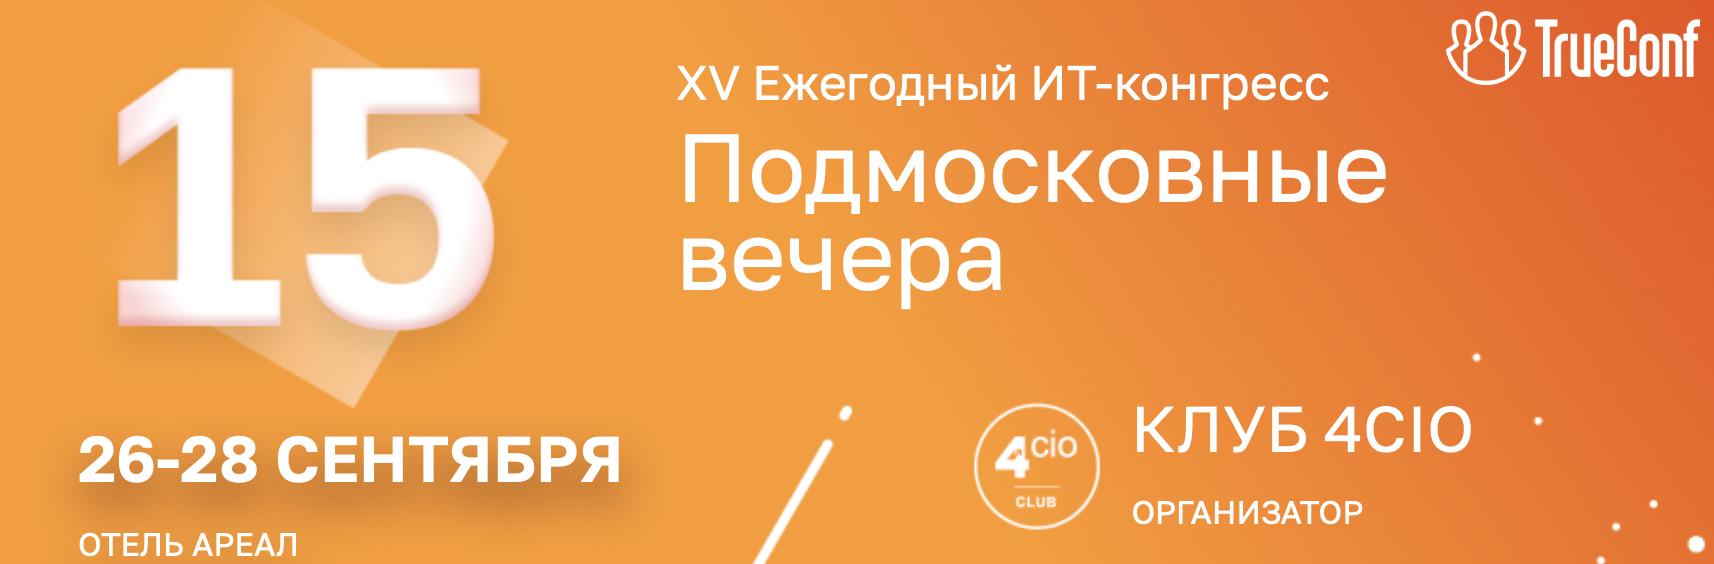 TrueConf – партнер XV ежегодного ИТ-конгресса «Подмосковные вечера» 10